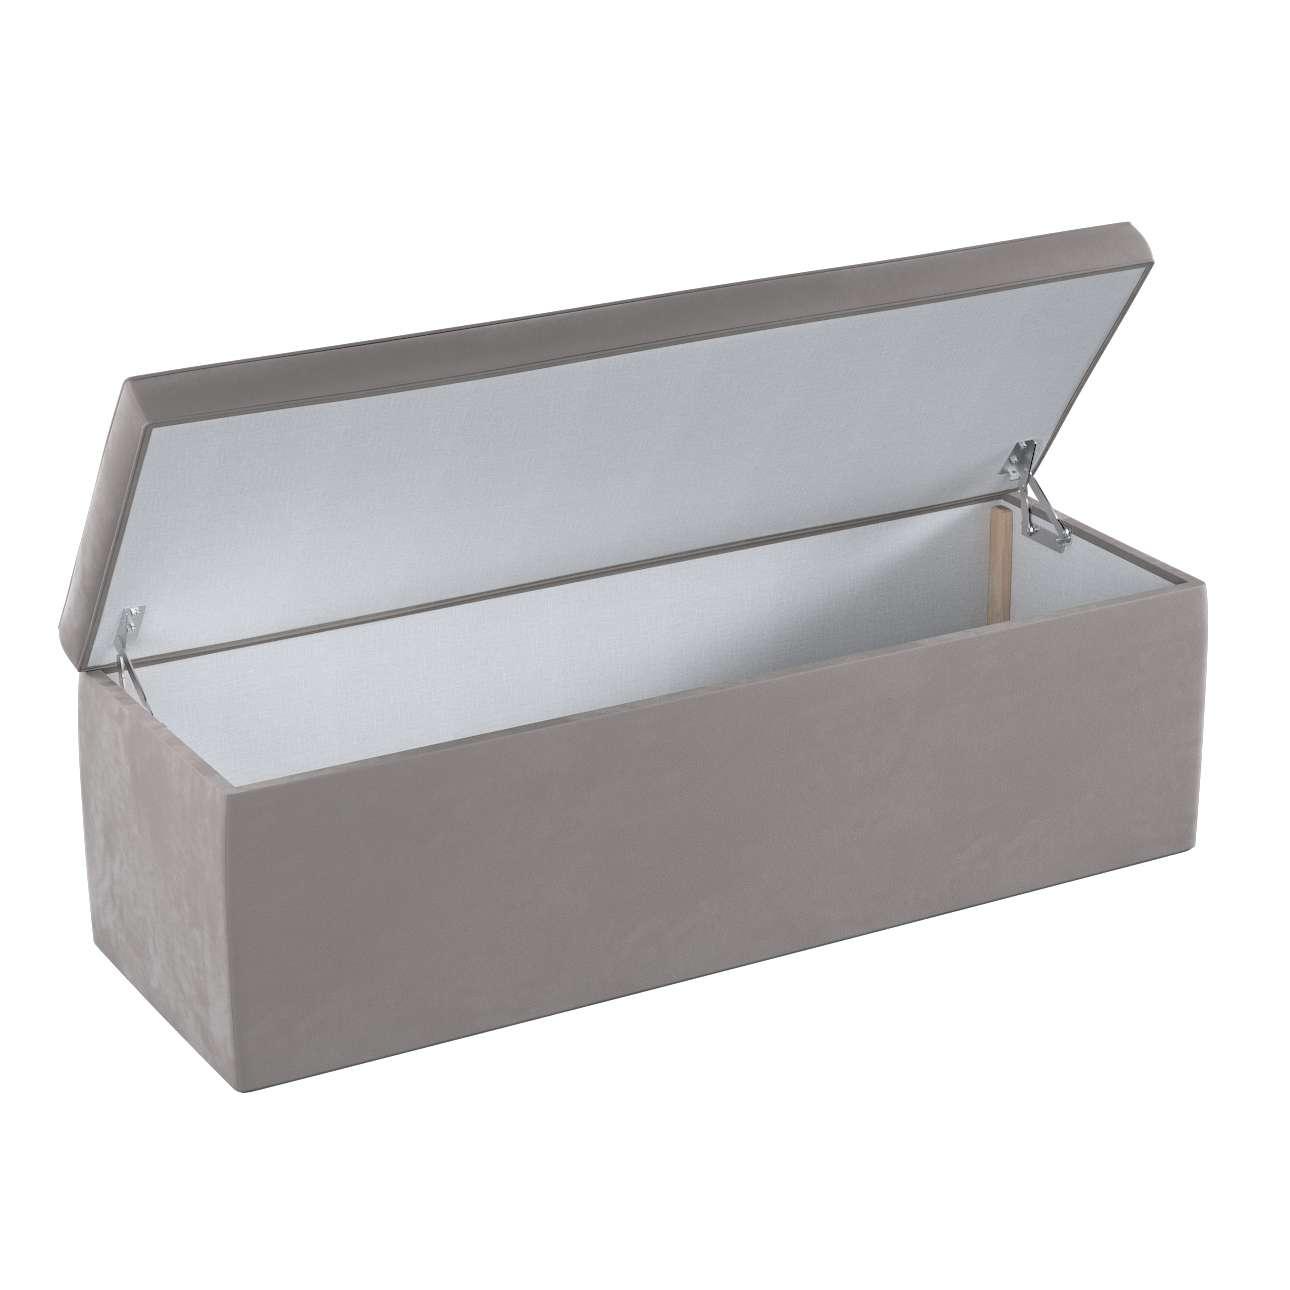 Dežė/skrynia/daiktadėžė 90 × 40 × 40 cm kolekcijoje Velvet, audinys: 704-11